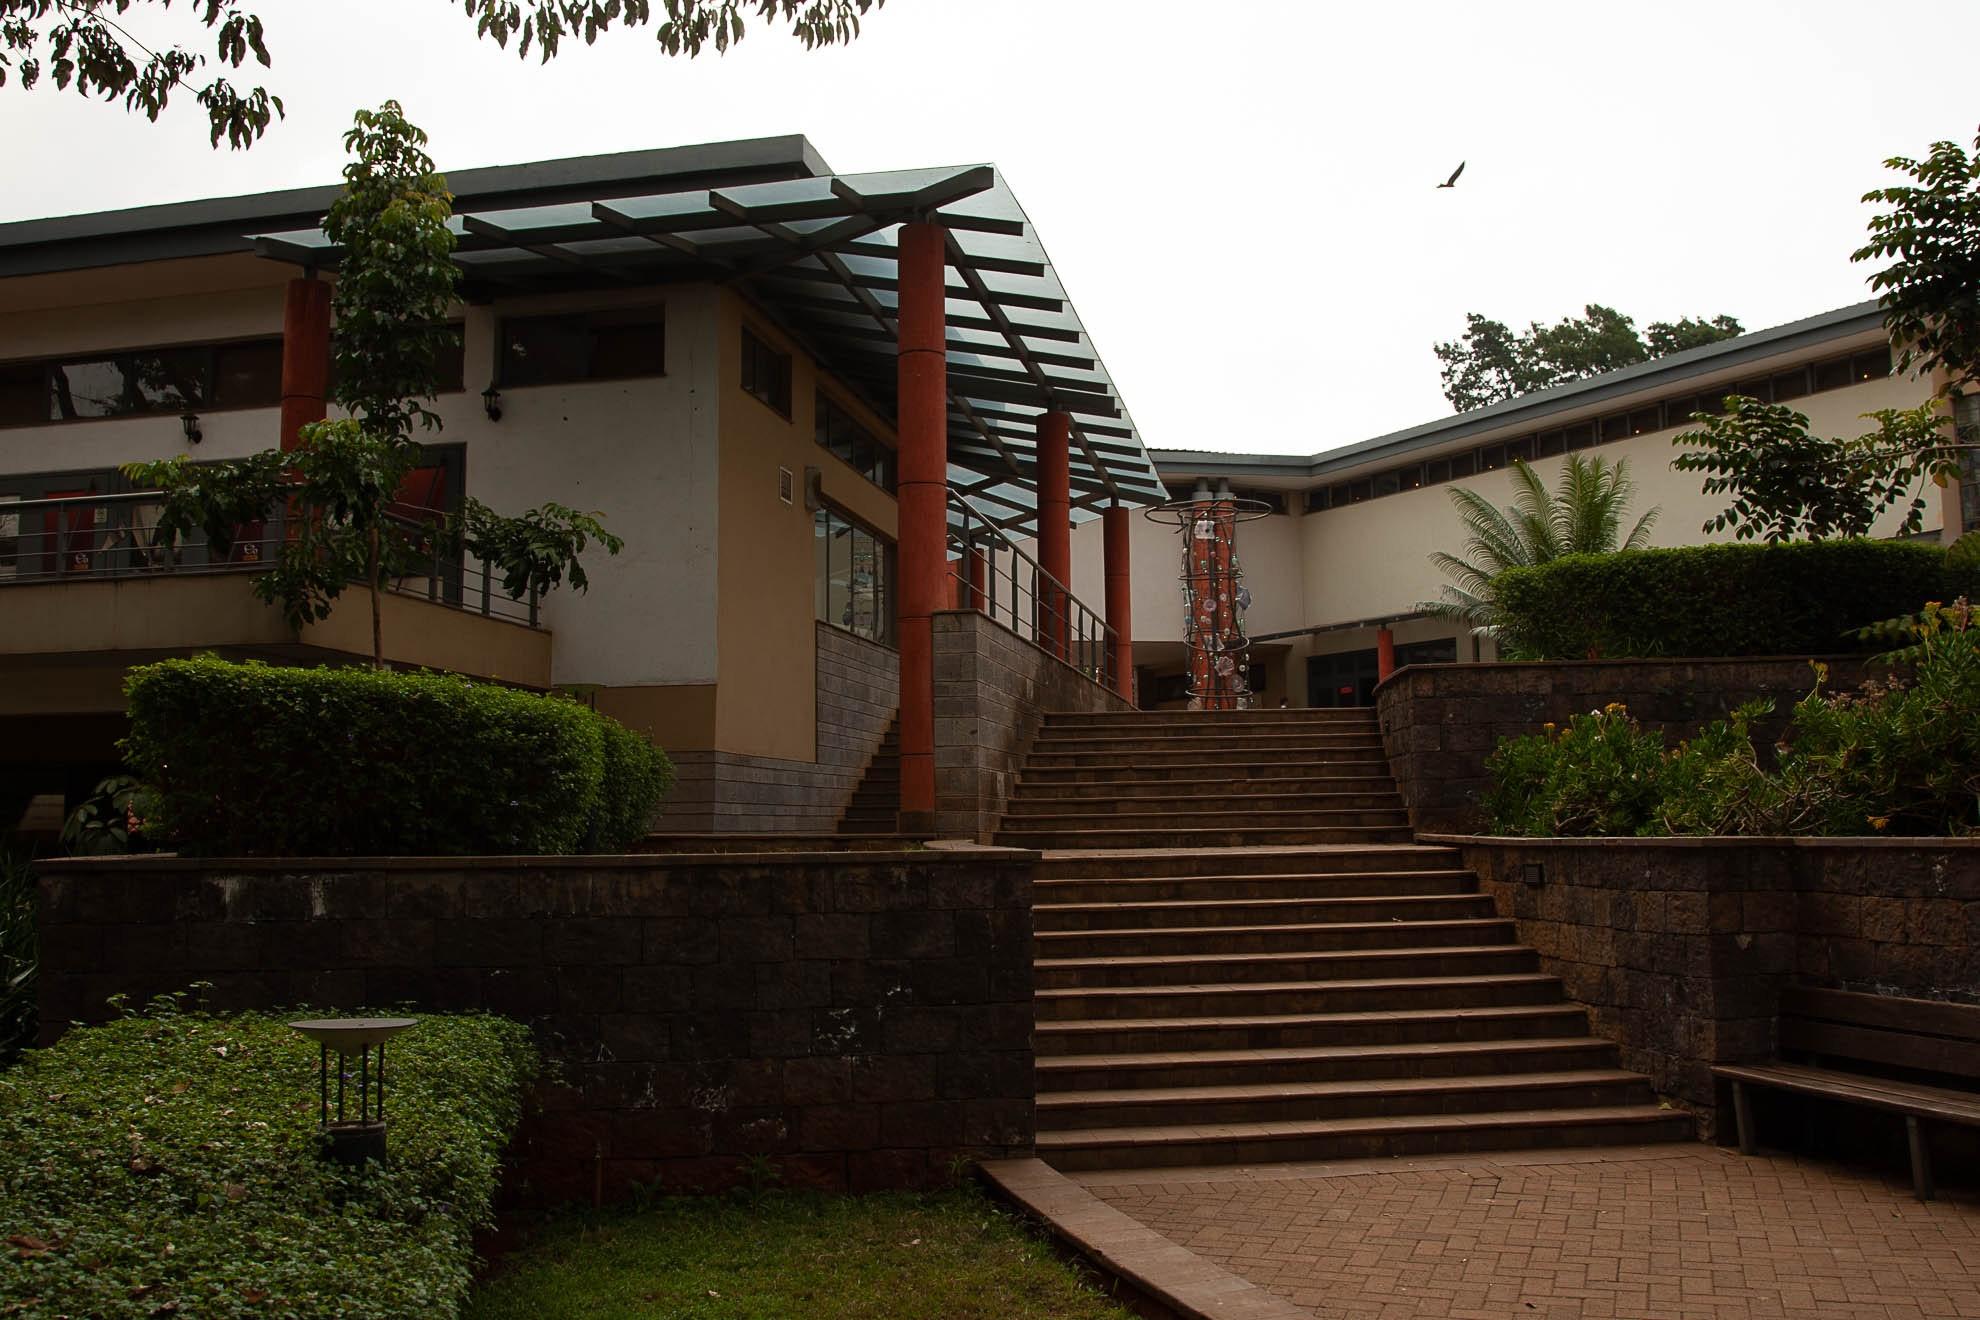 National Museum of Nairobi